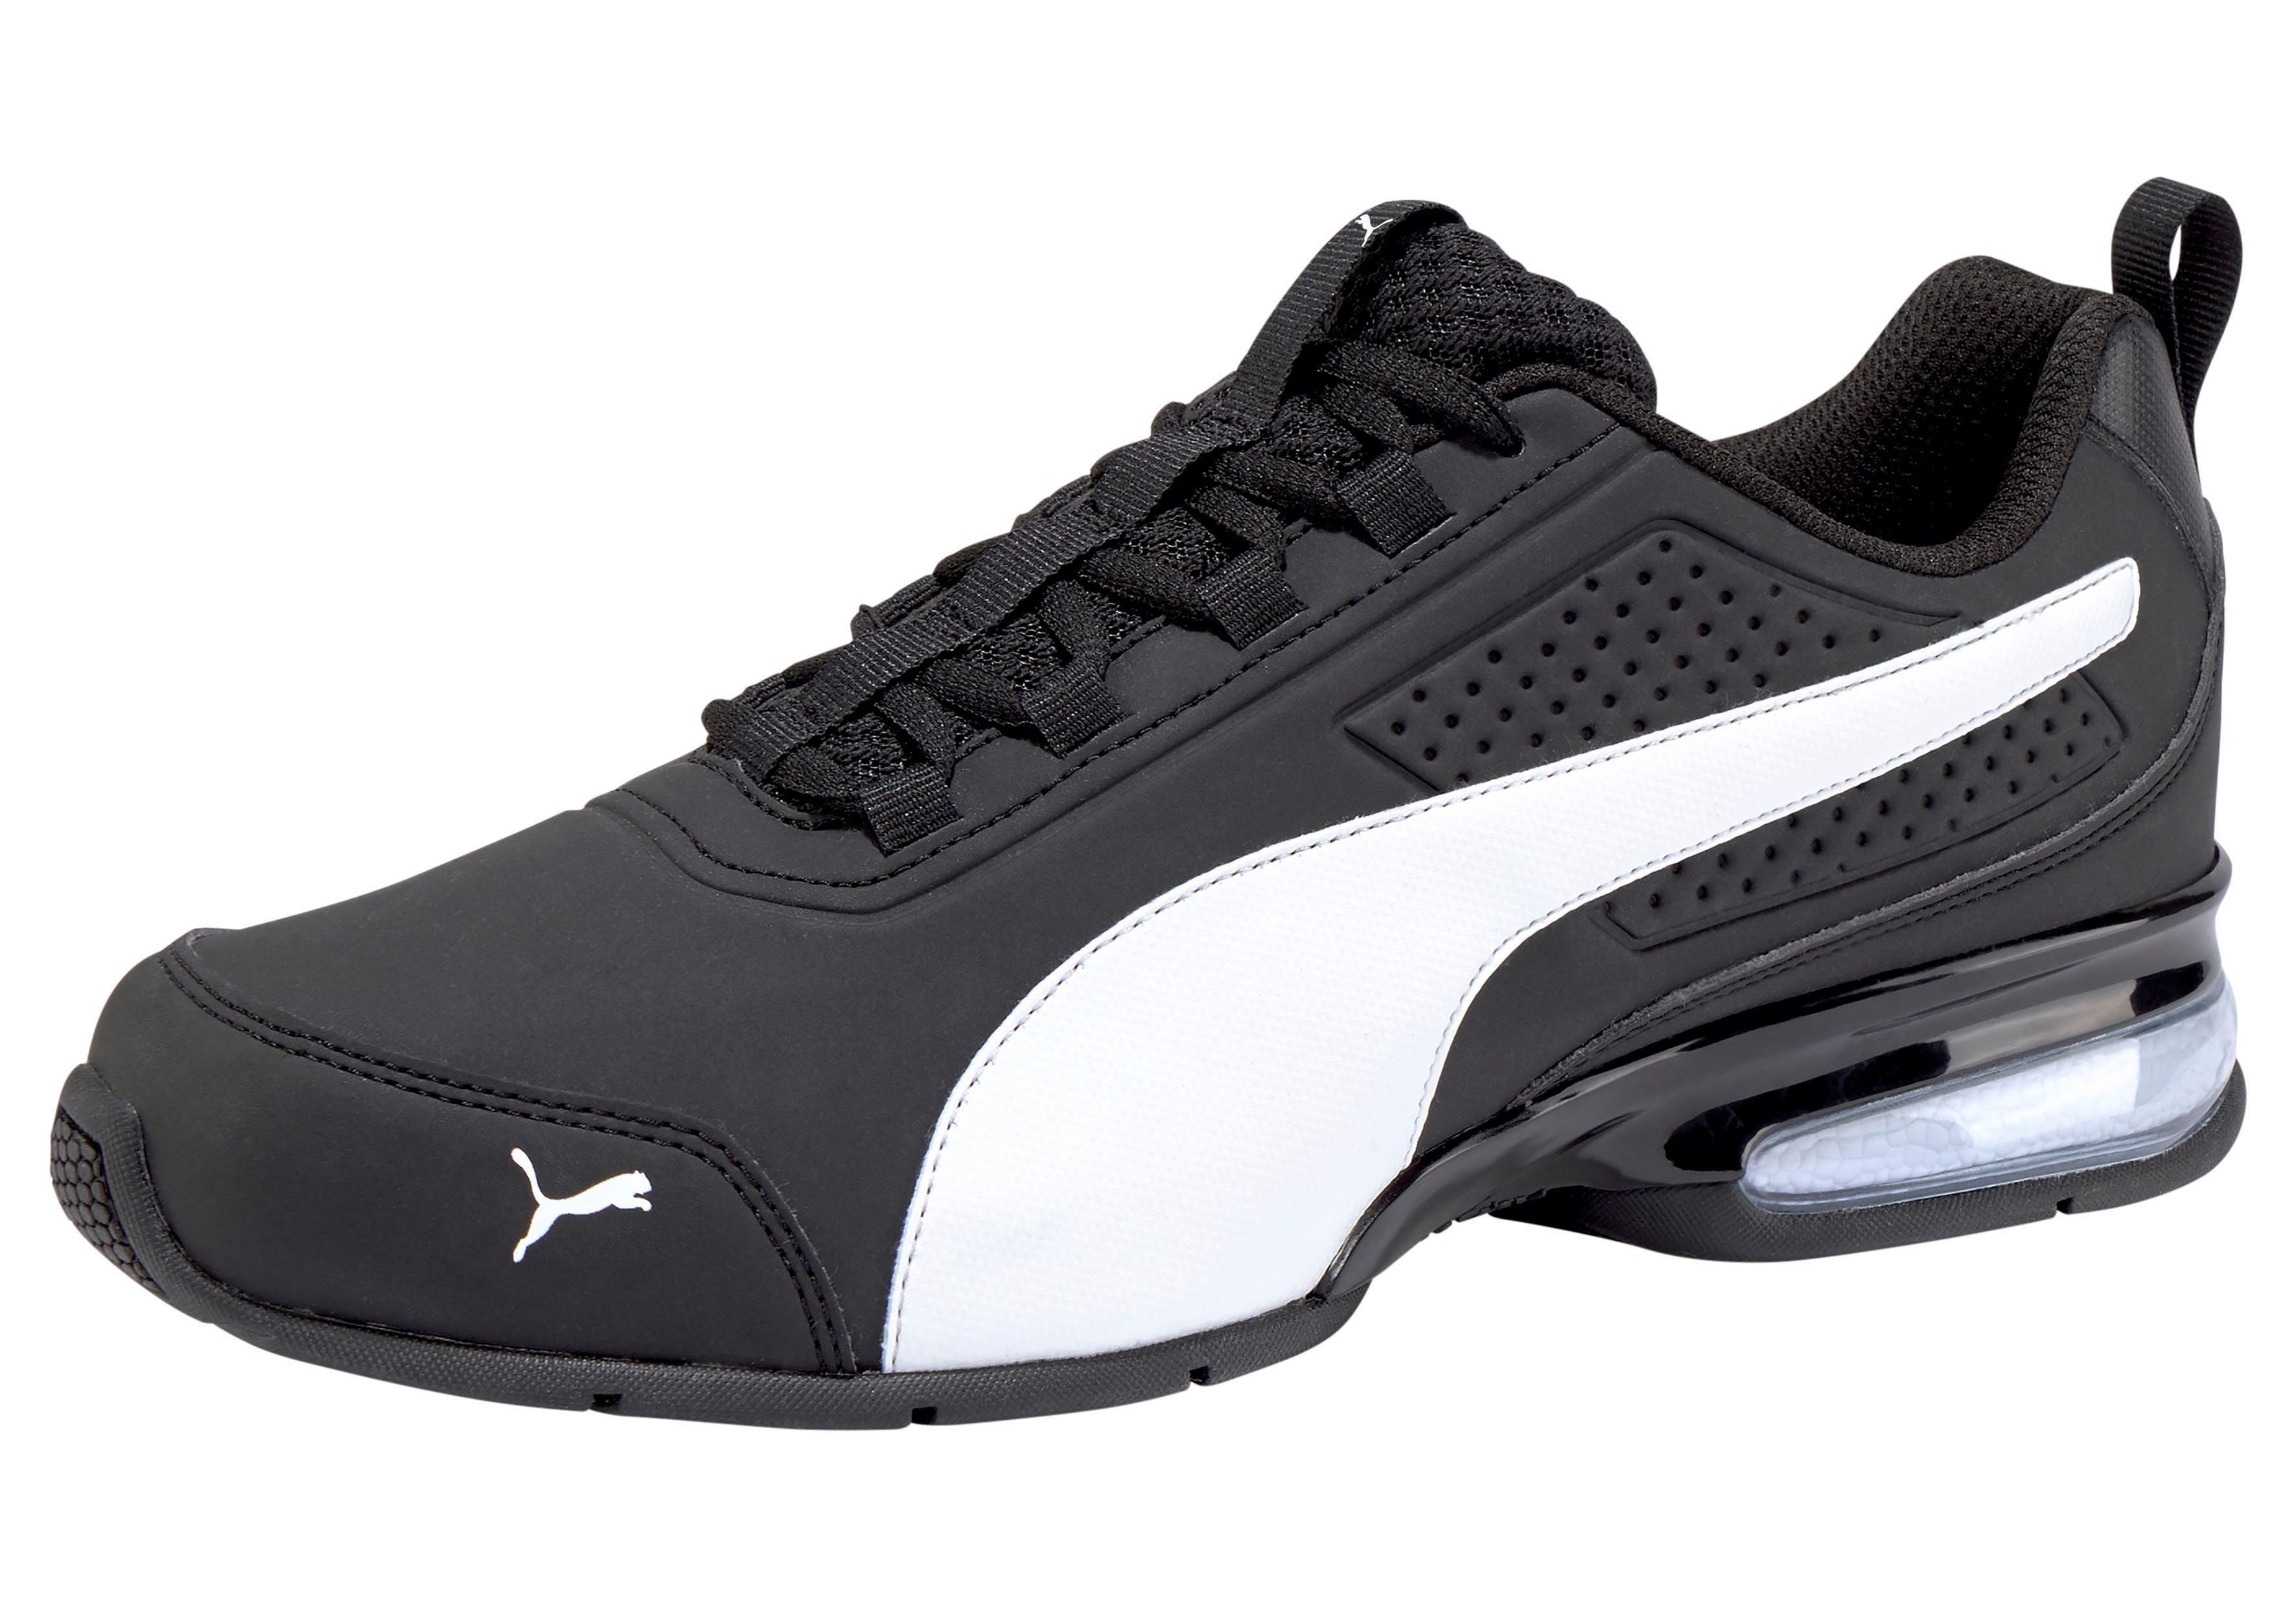 PUMA »Leader VT Buck« Sneaker, Klassischer Sneaker von Puma online kaufen | OTTO